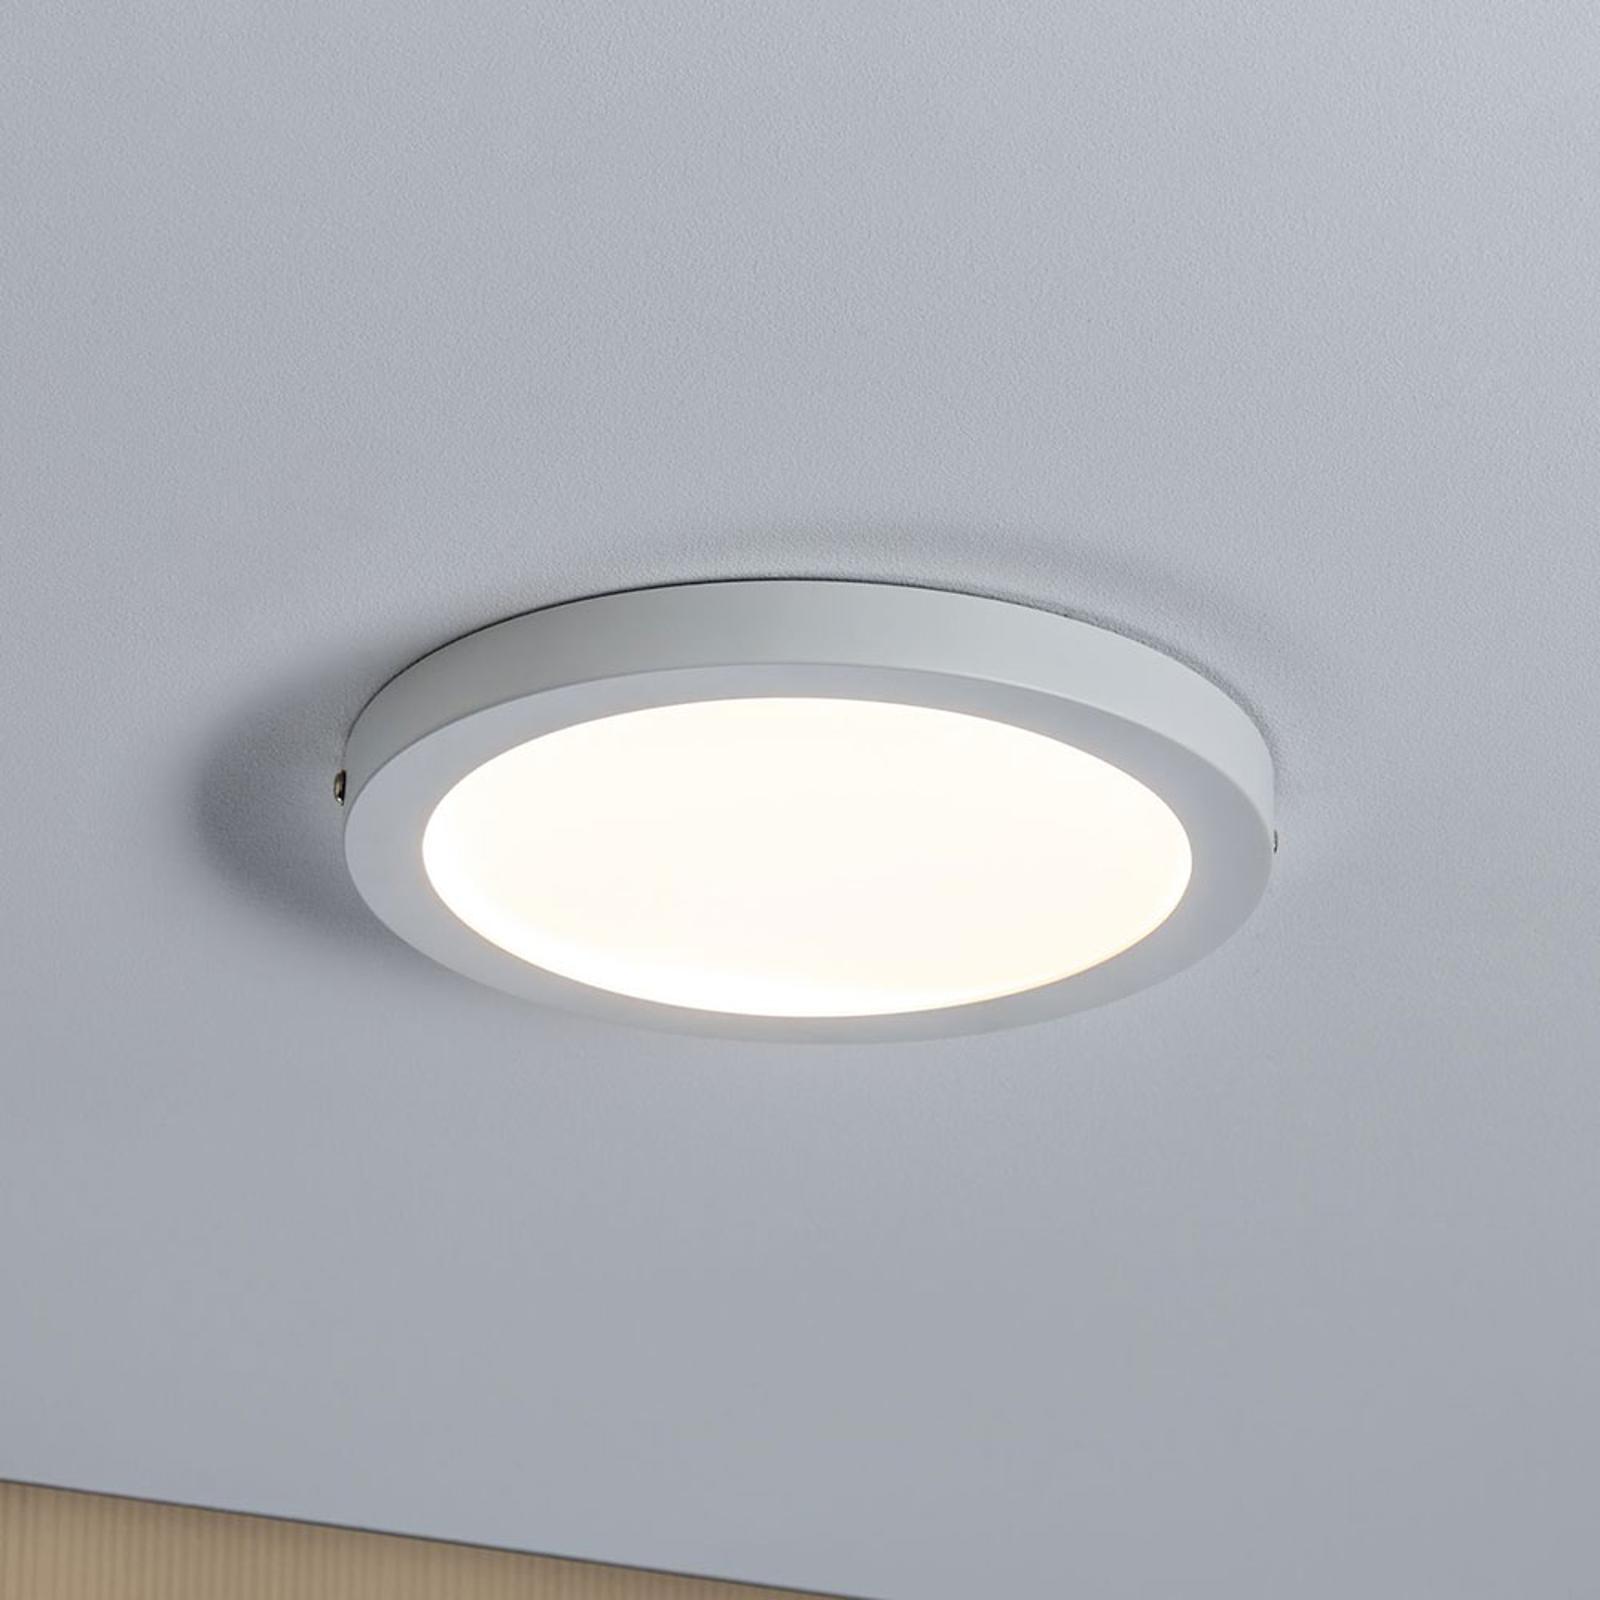 Paulmann Atria lampa sufitowa LED Ø22cm biała